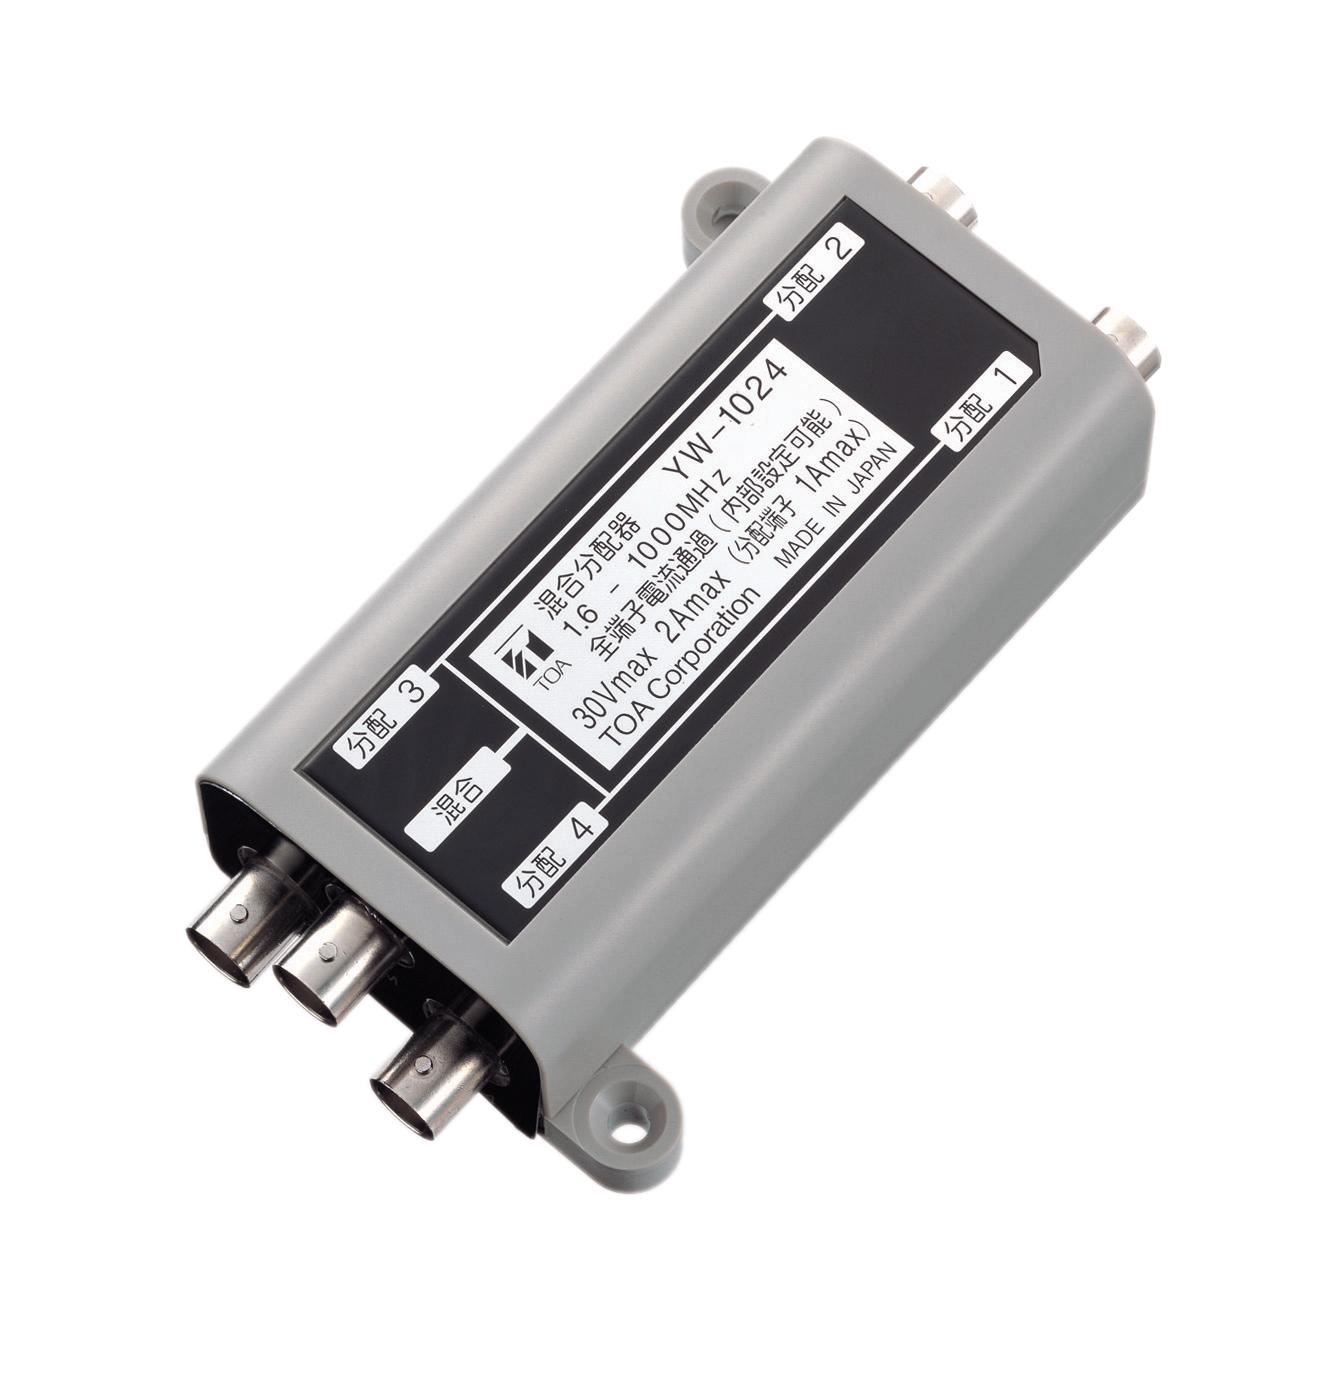 YW-1024 Distributor